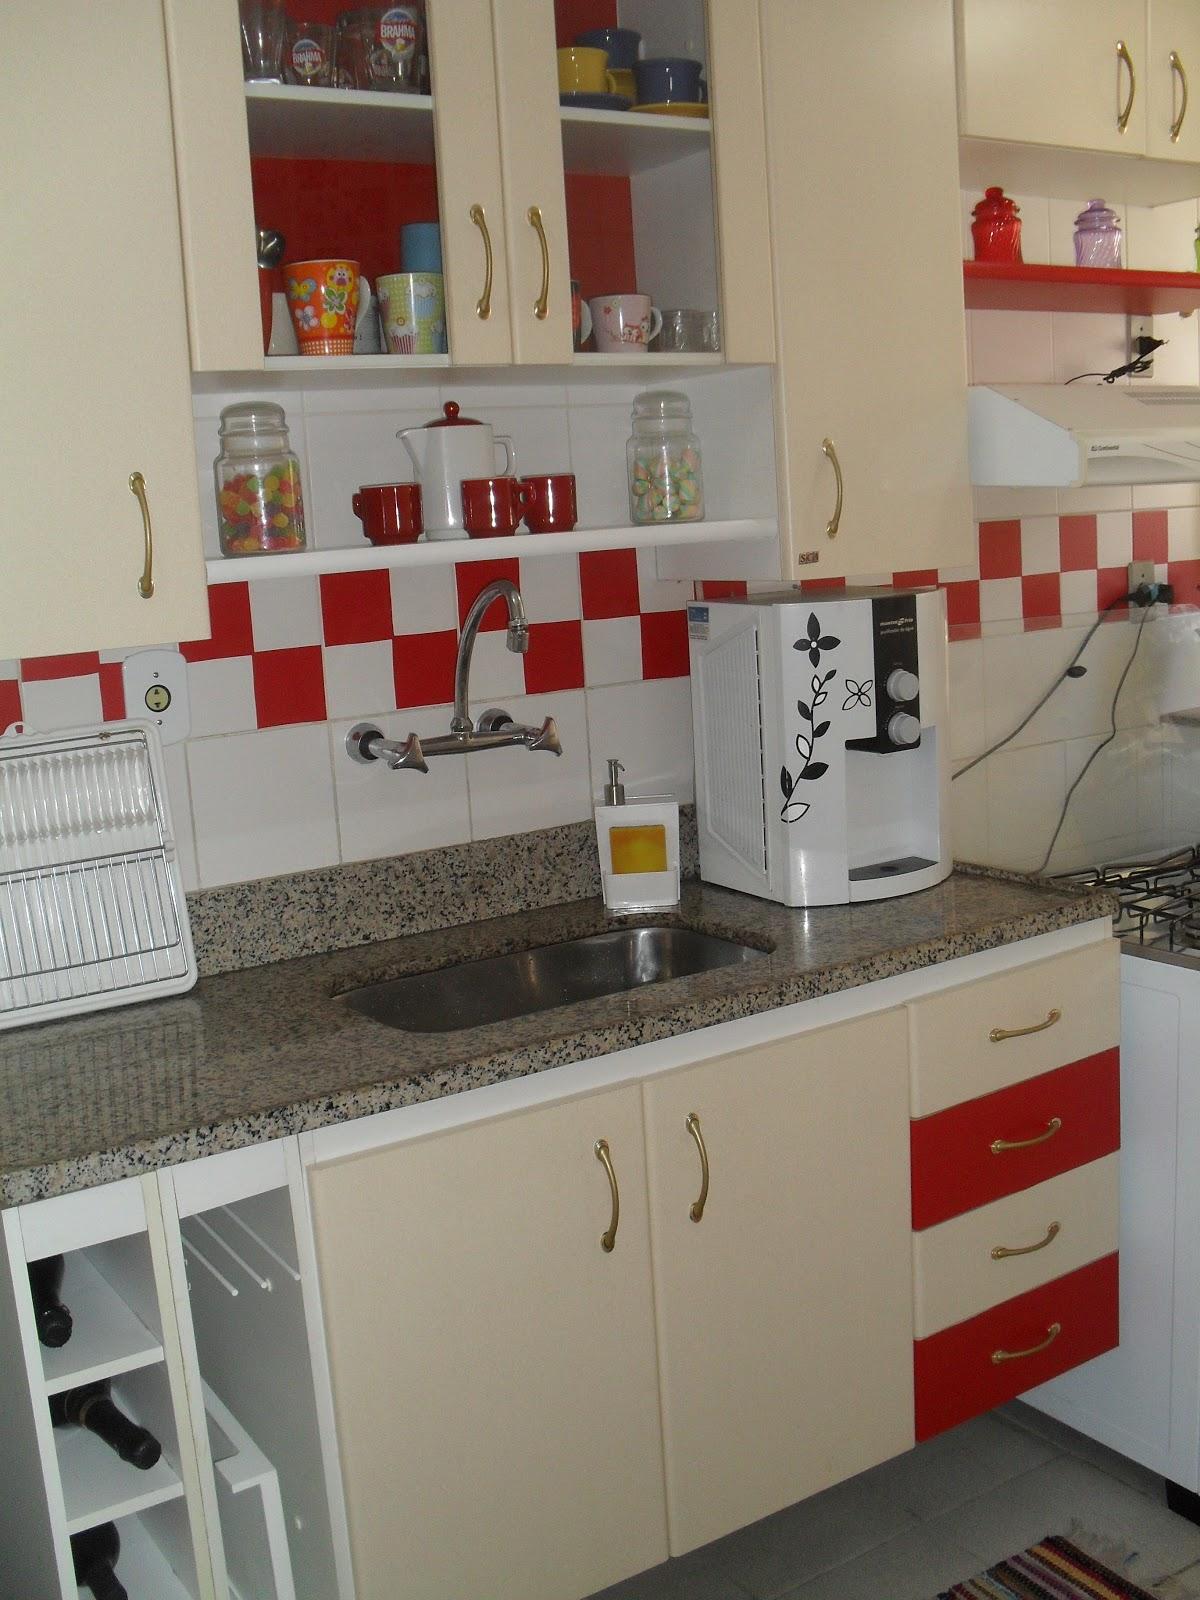 Azulejo para cozinha retro v rios desenhos - Azulejo sobre azulejo ...